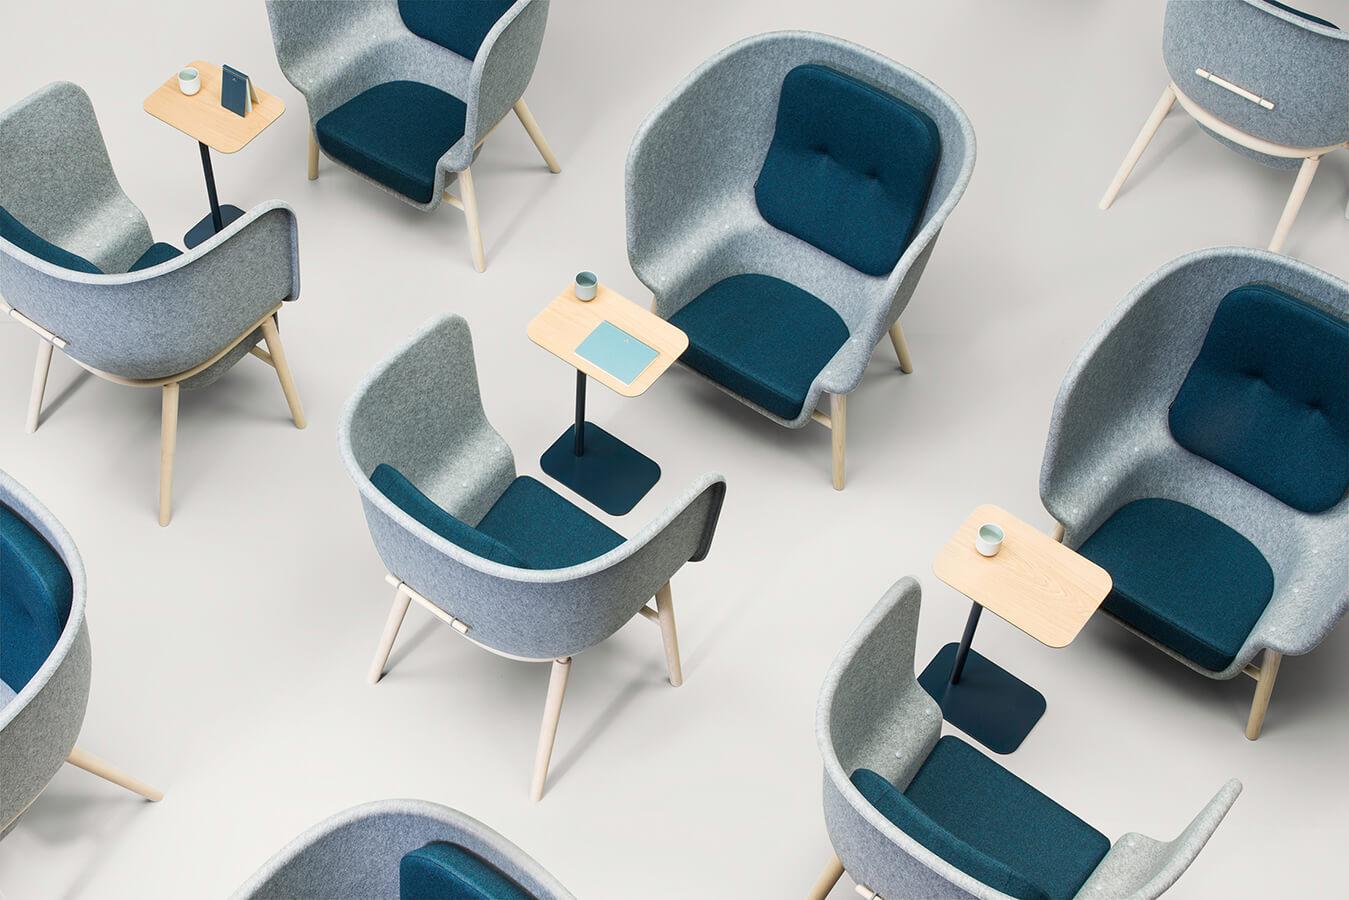 DeVorm, Pod, del diseñador británico Benjamin Hubert, es una silla de gran tamaño, íntima y privada, creada para áreas de descanso en oficinas o proyectos residenciales. El textil que la recubre es PET Felt, que tiene propiedades estéticas y de amortiguación acústica para aumentar la sensación de privacidad en espacios amplios o llenos de gente.